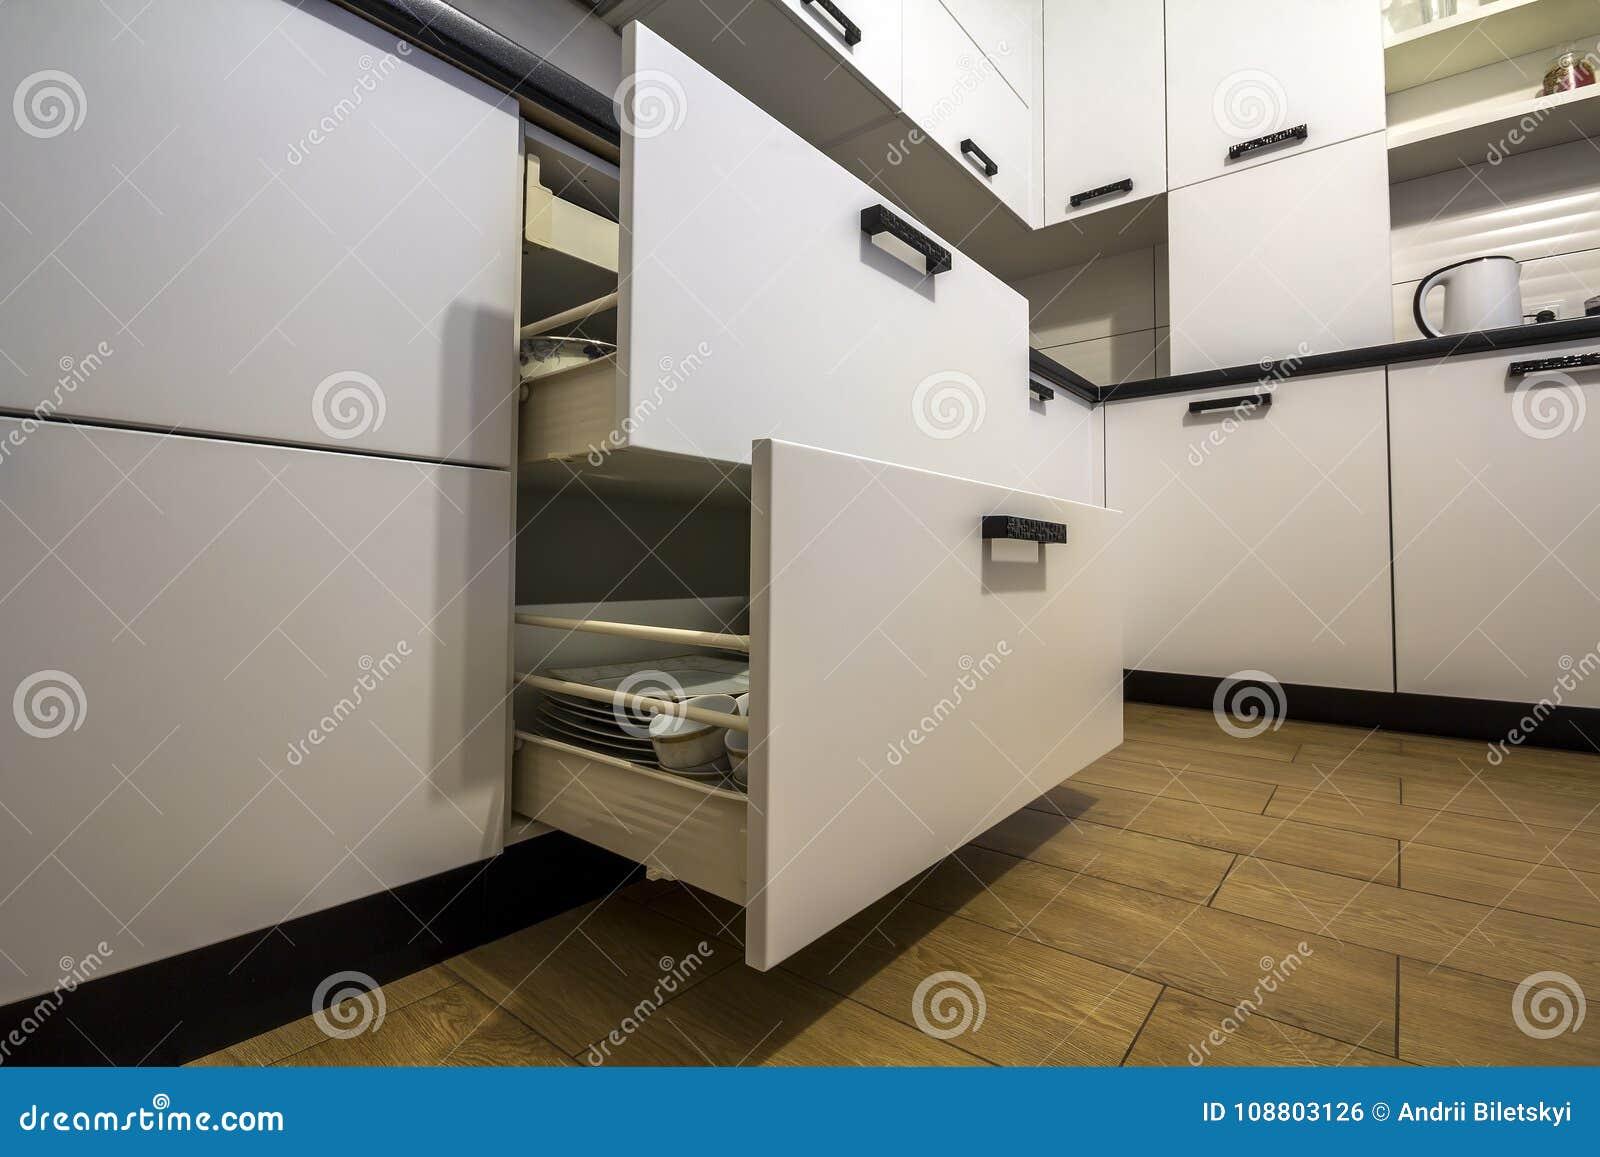 Öppna kökenheten med plattor inom, en smart lösning för köklagring och uppläggningen